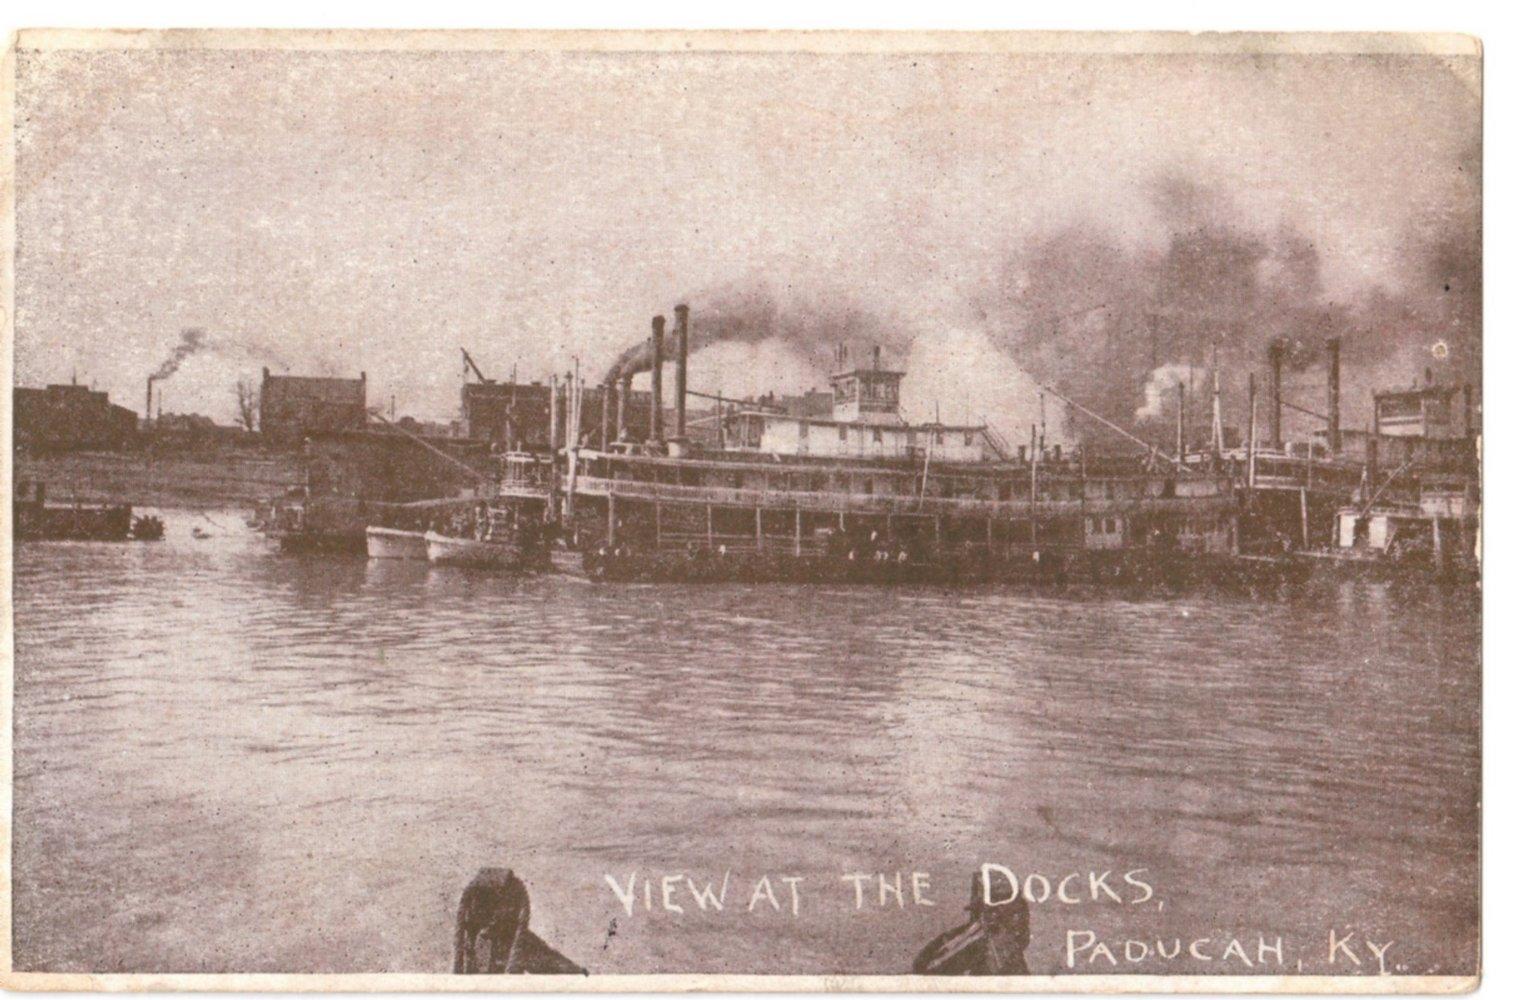 View at the Docks, Paducah, KY